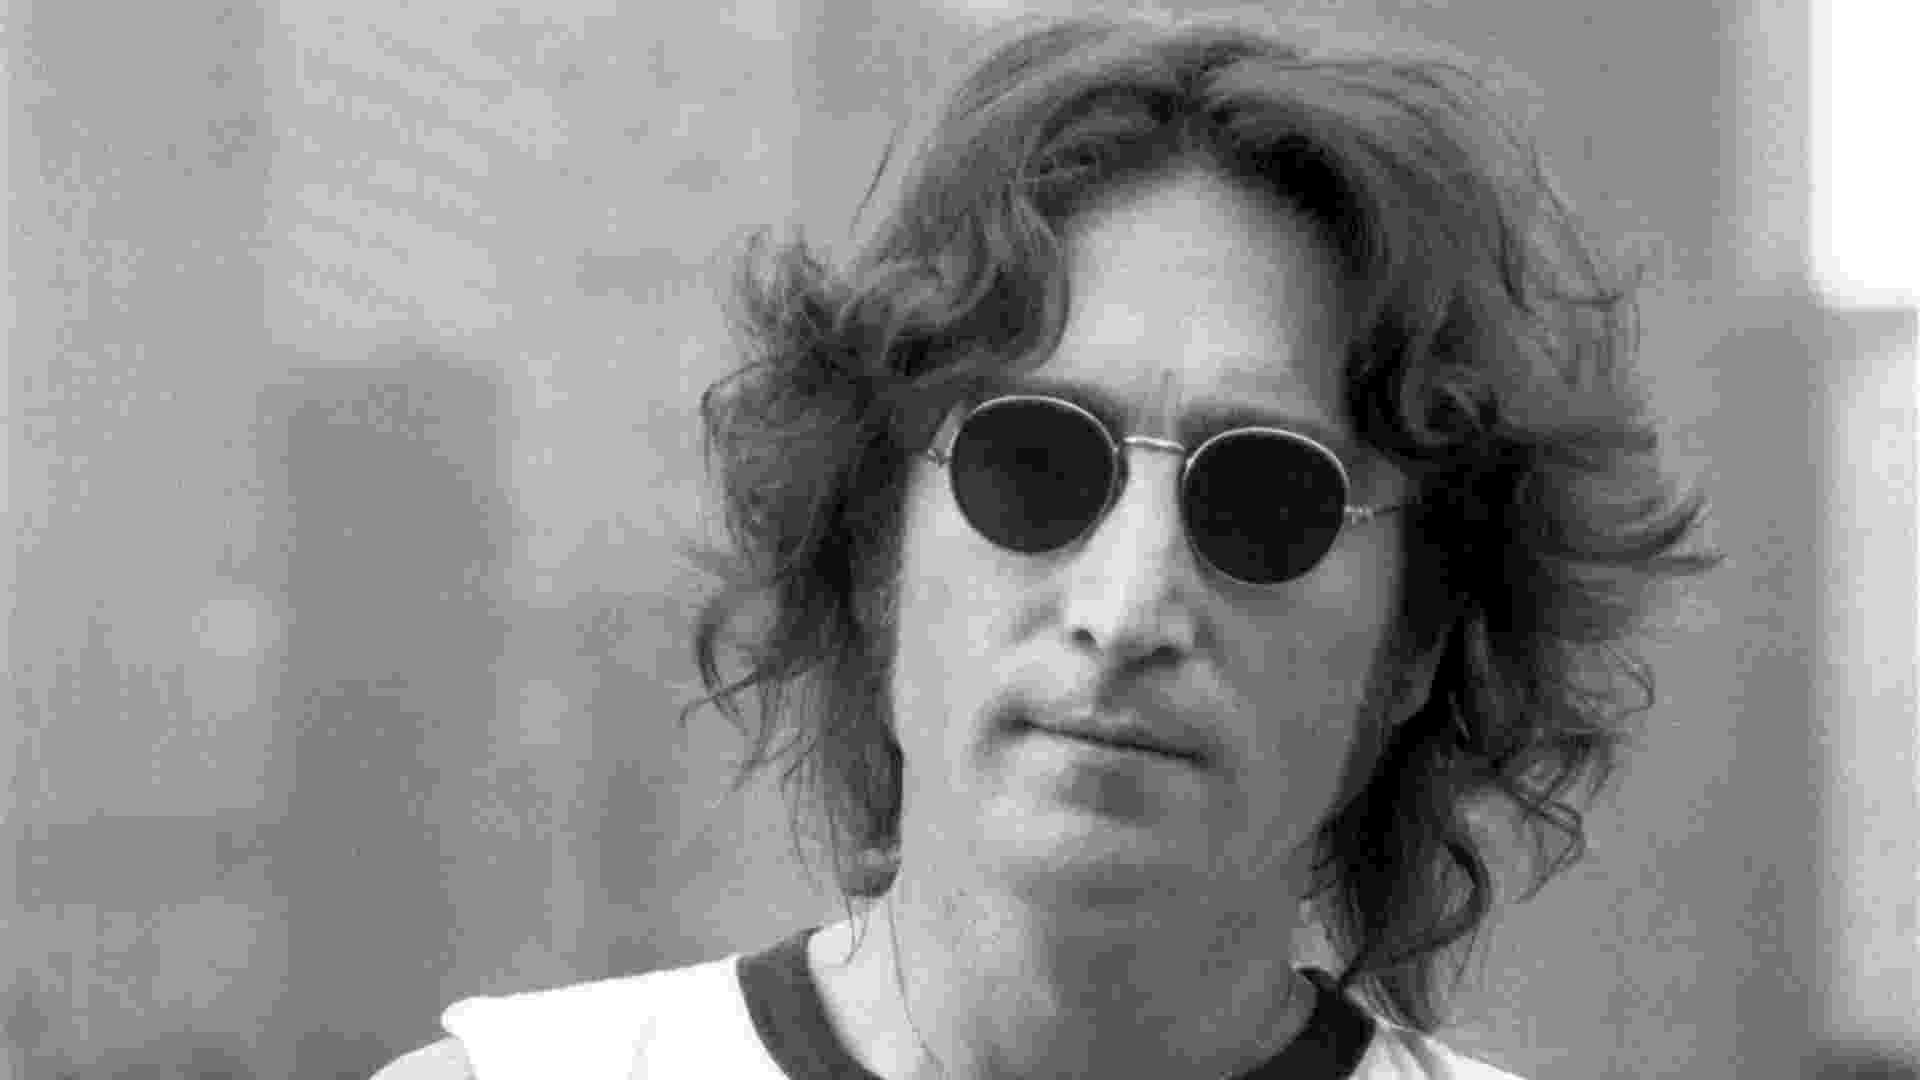 """Foto de John Lennon integra a exposição """"Let's Rock"""", que acontece na Oca, em São Paulo de 4 de abril a 27 de maio - Bob Gruen/Divulgação"""